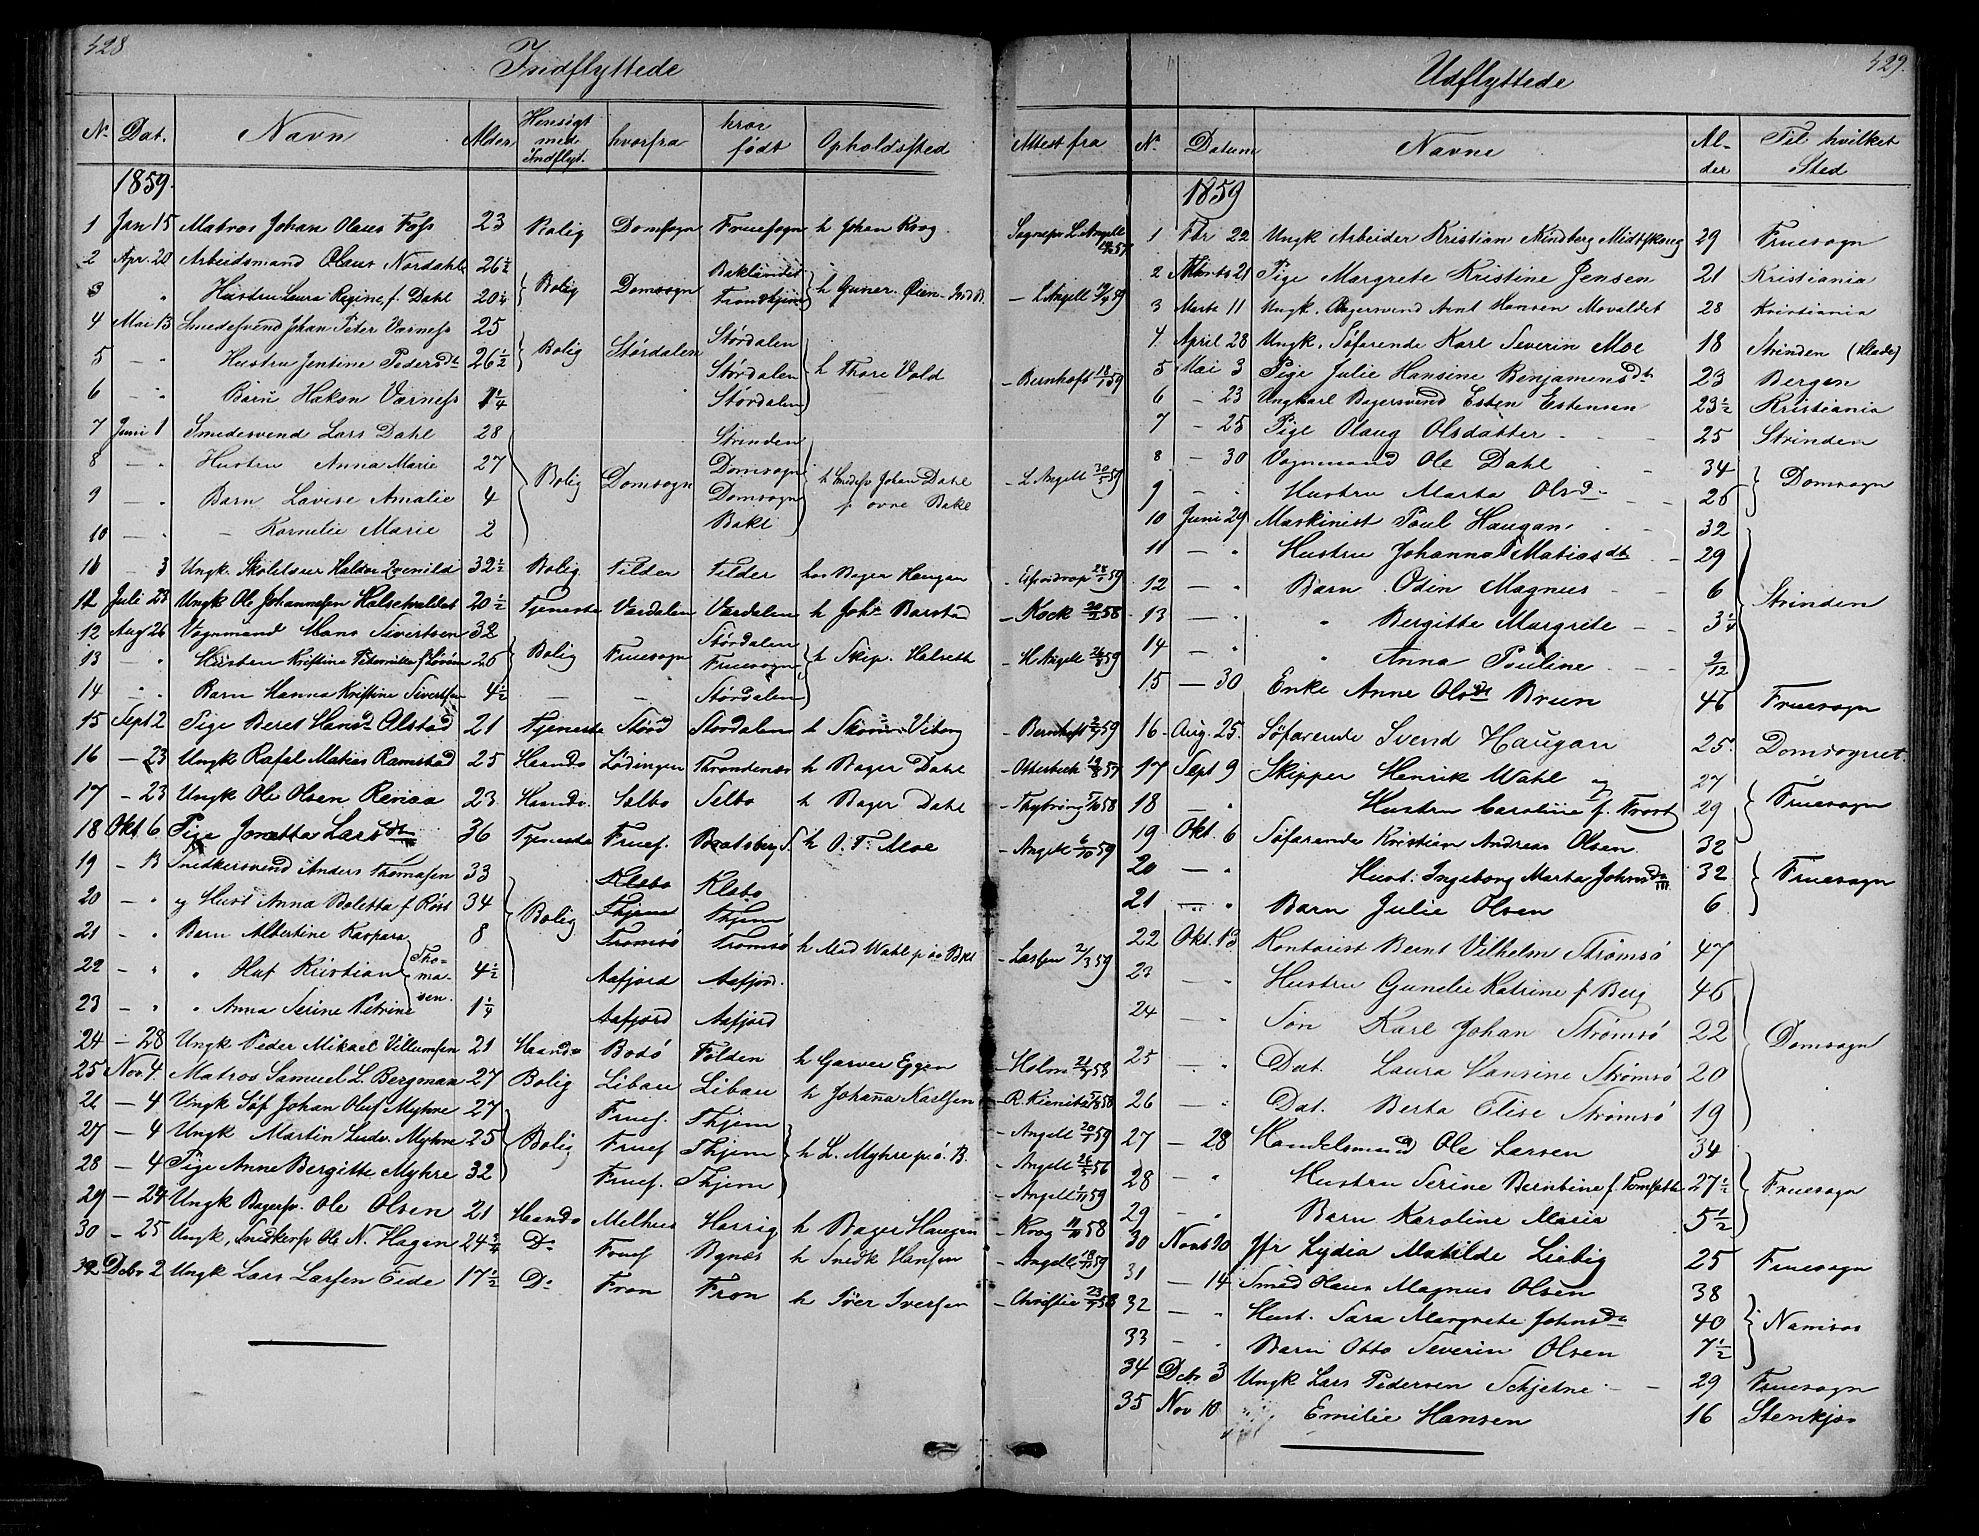 SAT, Ministerialprotokoller, klokkerbøker og fødselsregistre - Sør-Trøndelag, 604/L0219: Klokkerbok nr. 604C02, 1851-1869, s. 428-429